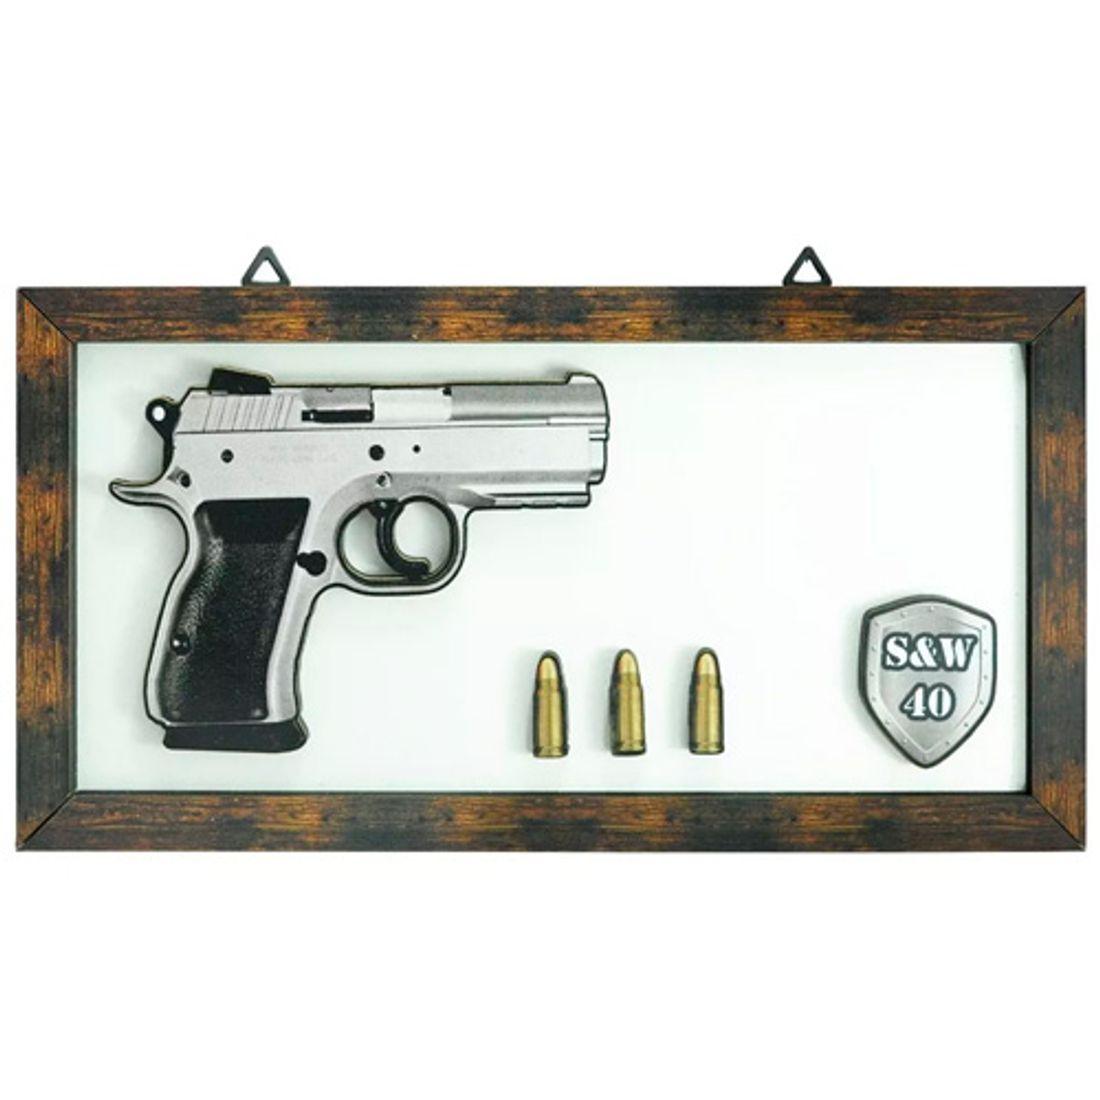 Quadro-3D-Arma-de-Fogo-Magnum-S-W-40-Mdf-Madeira-Adesivado